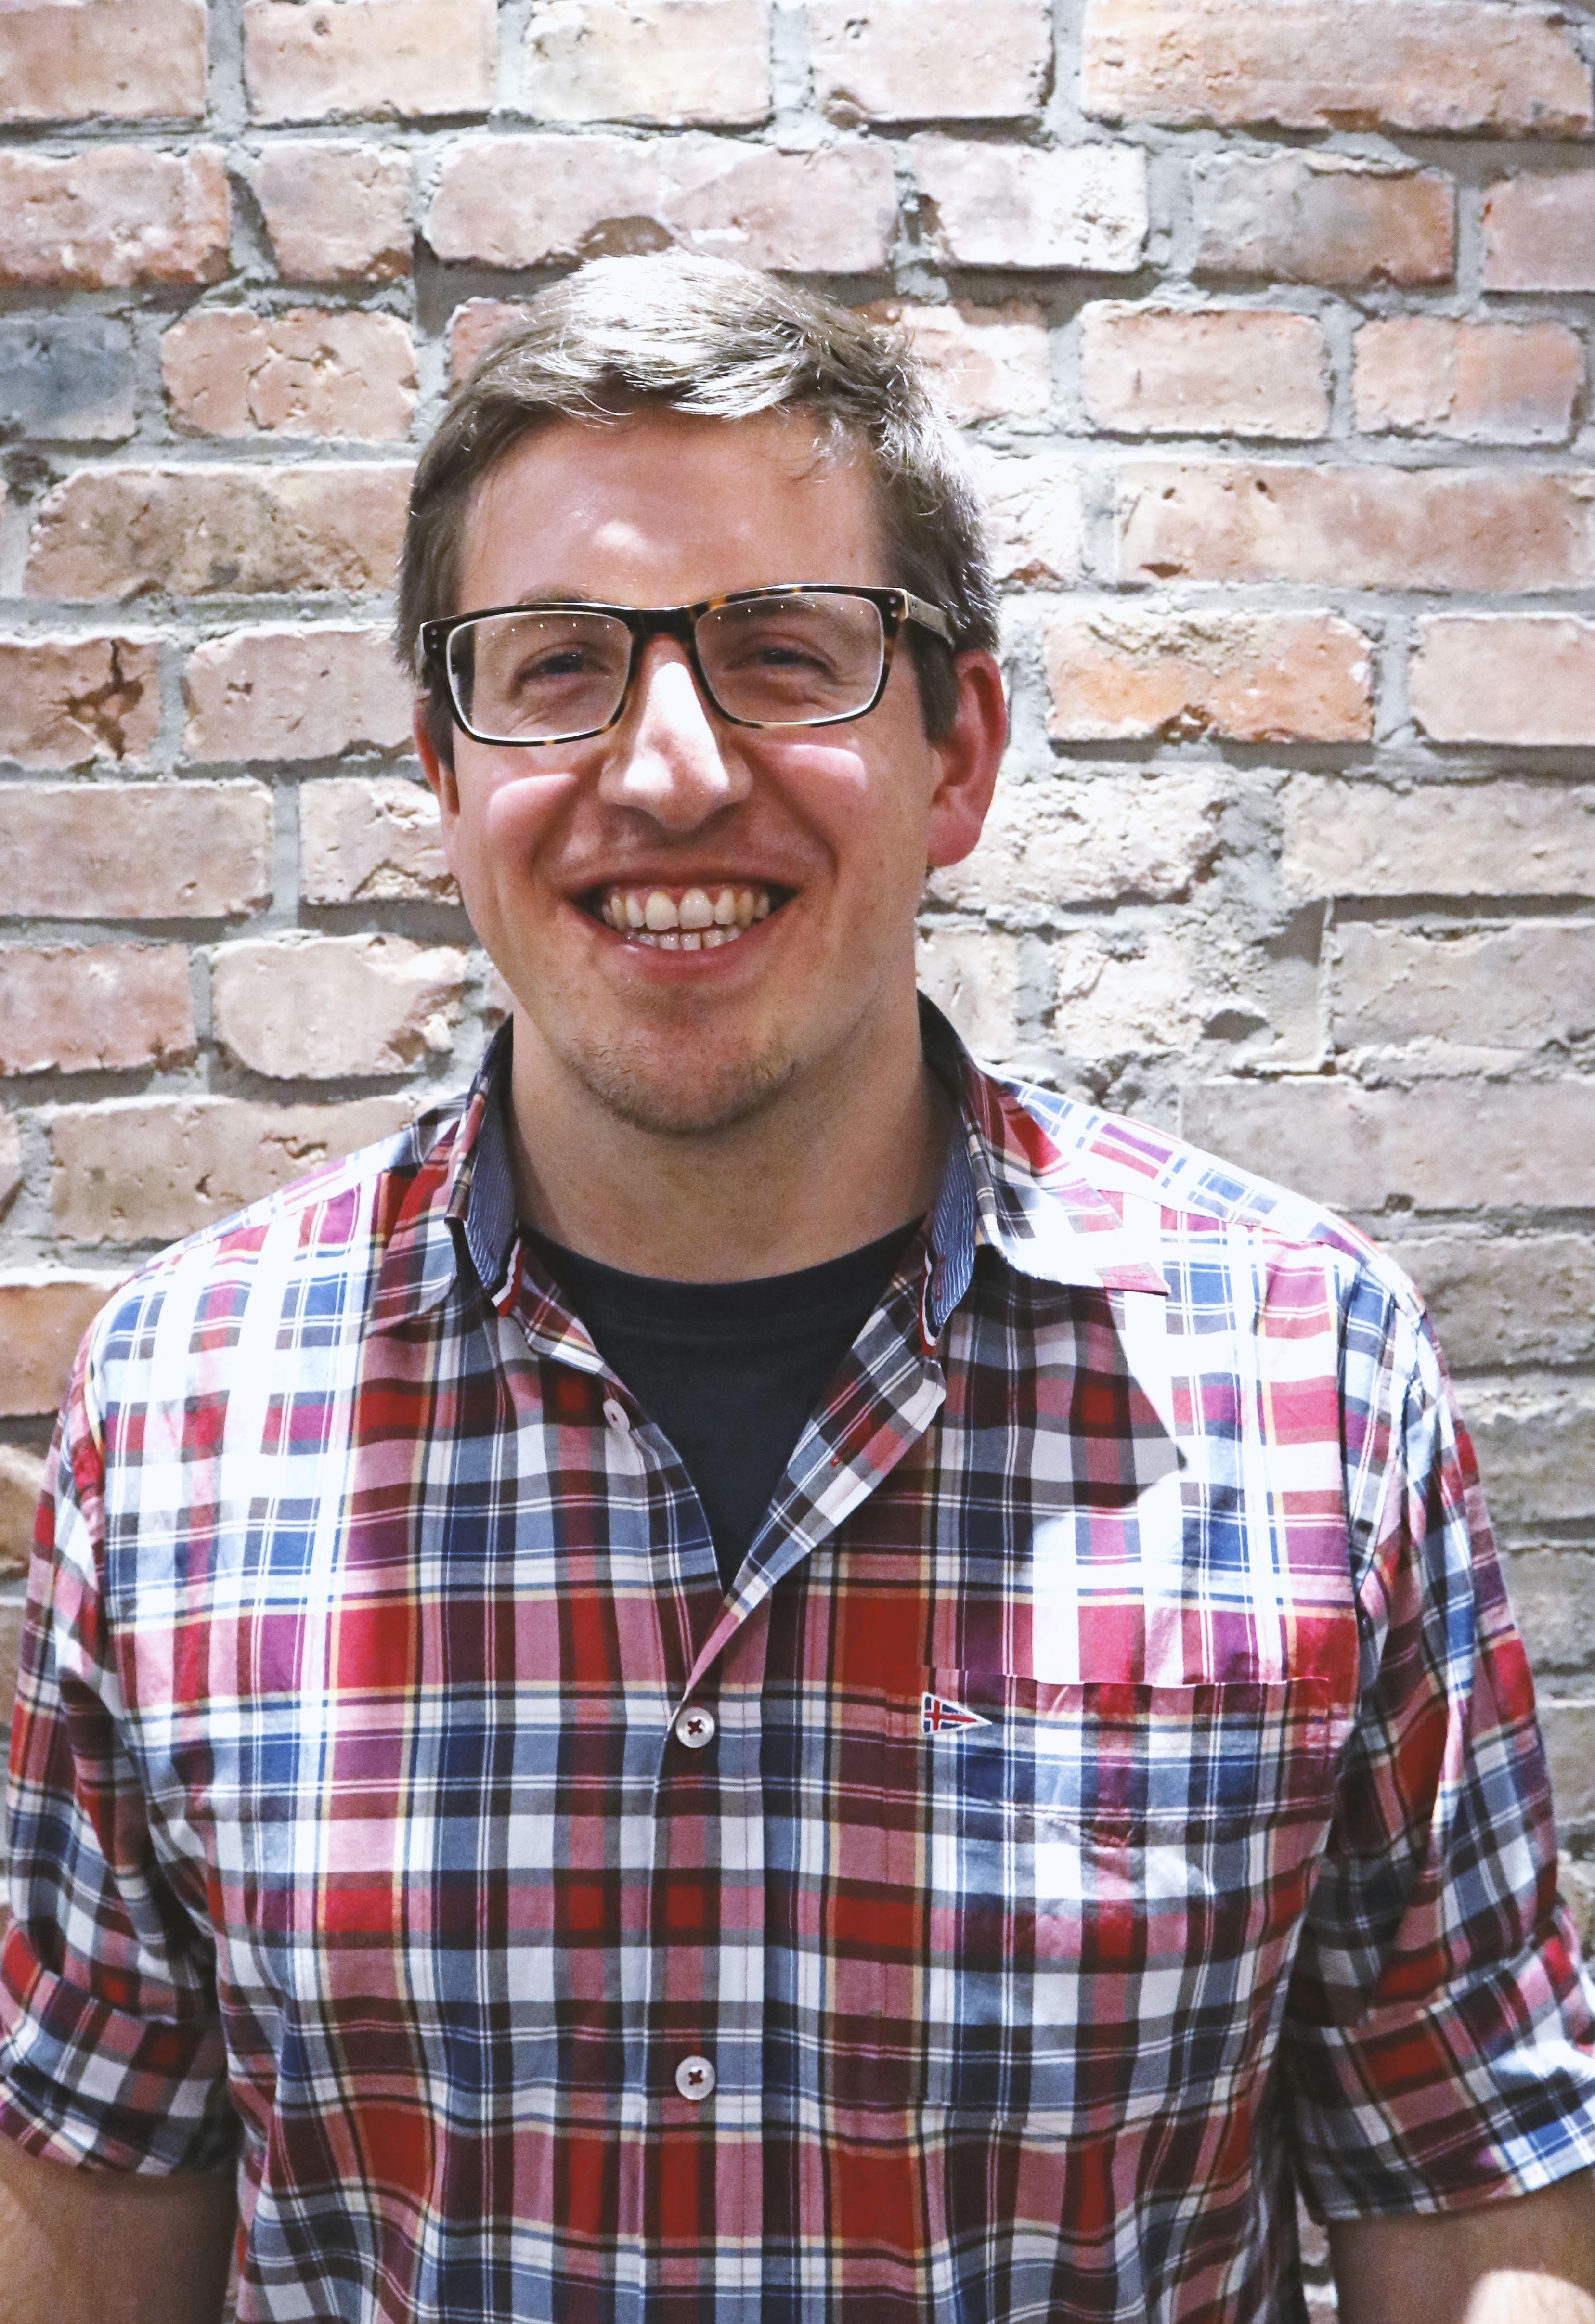 Gerrit Dworok